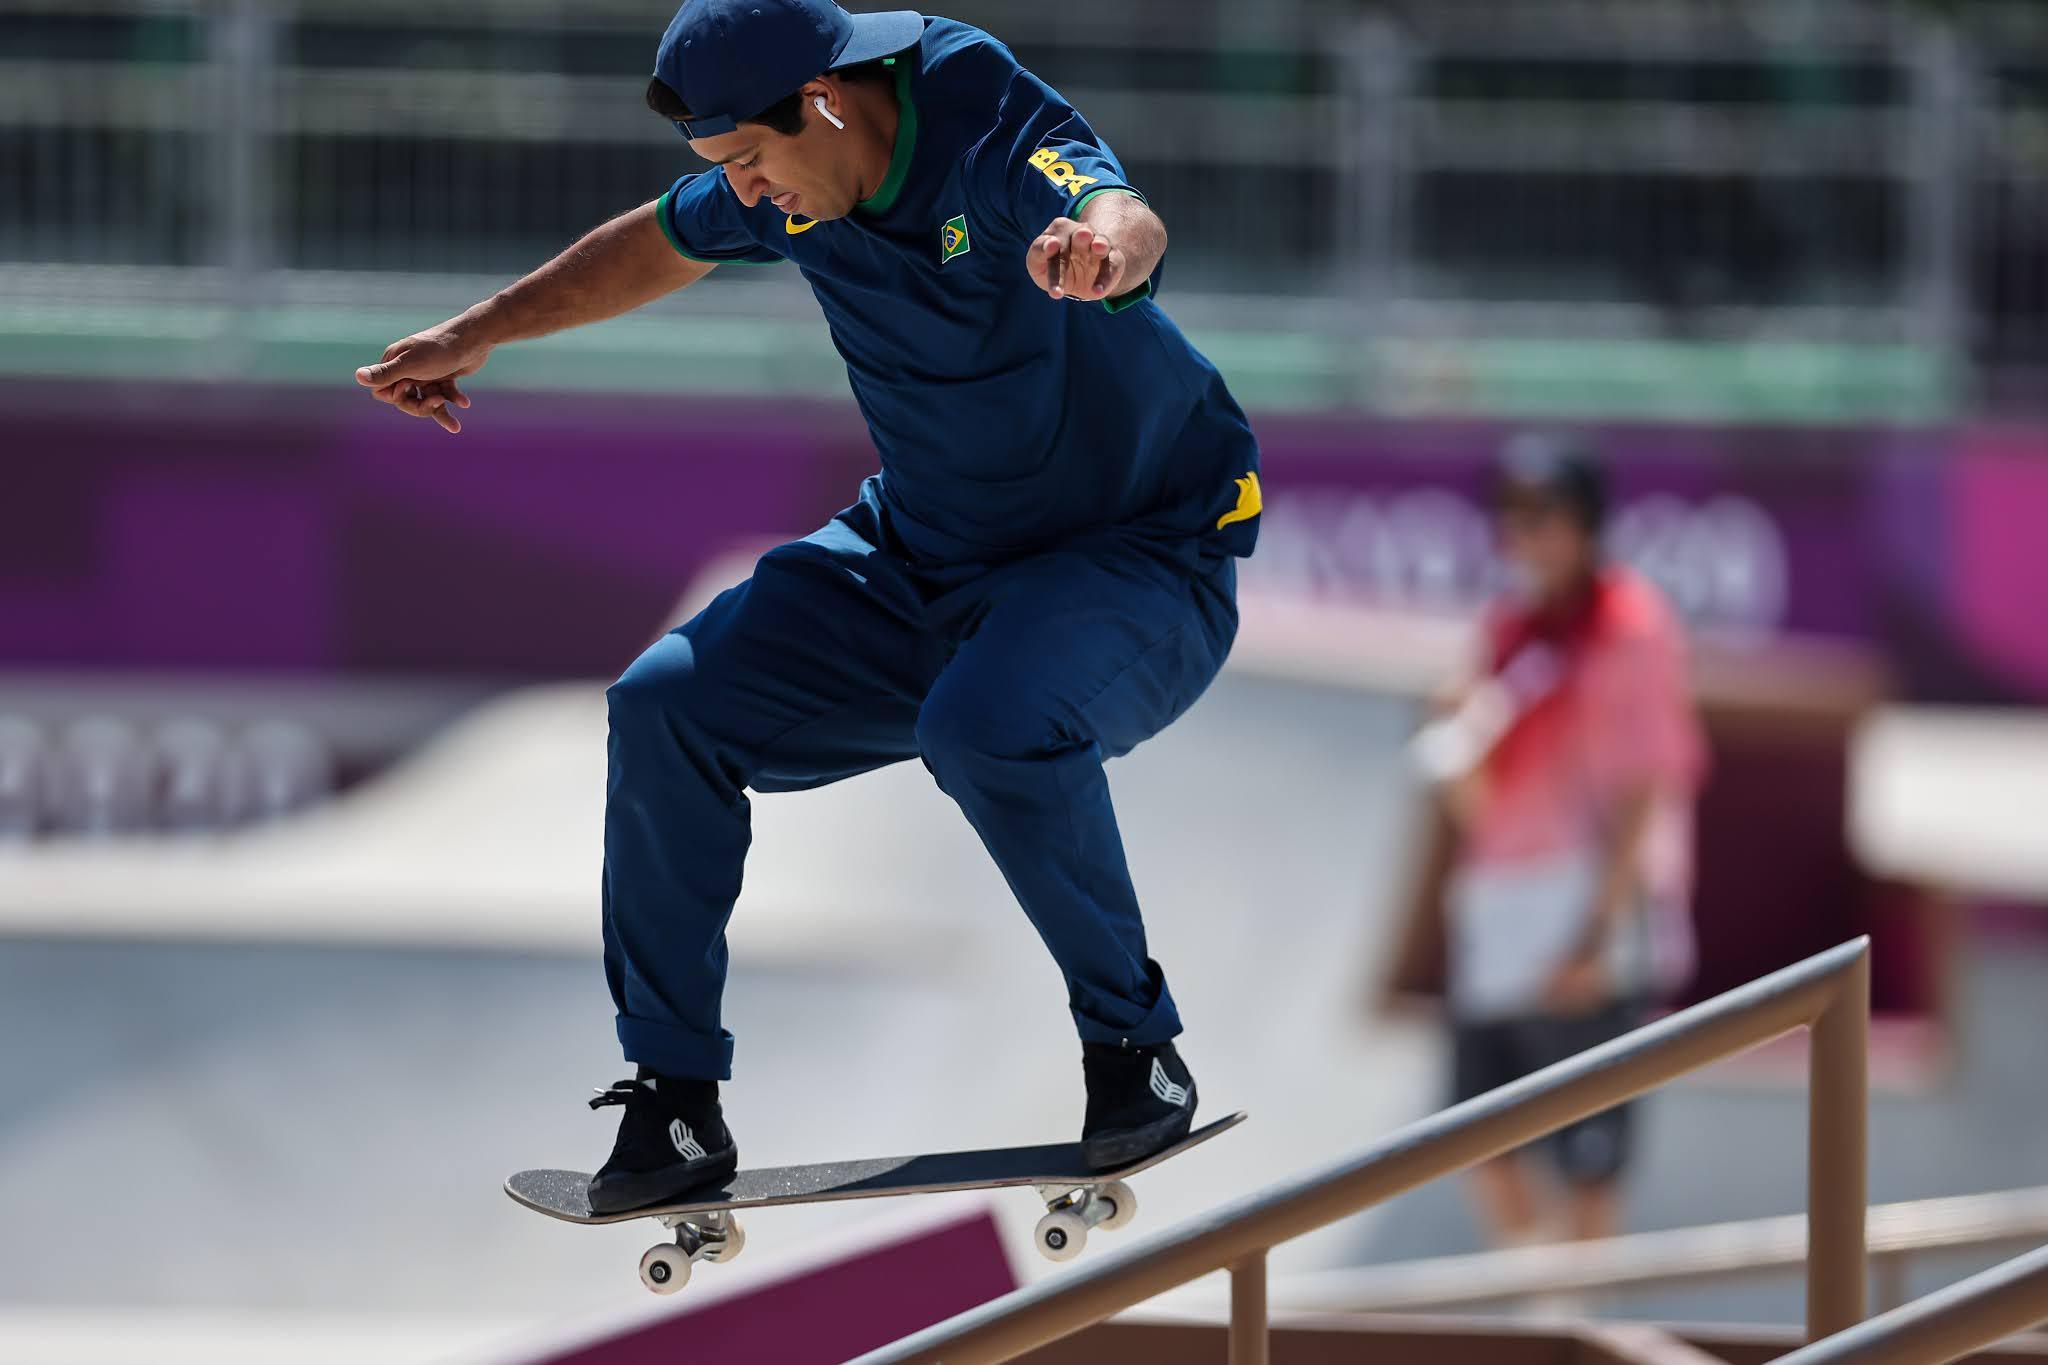 Kelvin Hoefler em pista de skate com placa Tóquio 2020 ao fundo